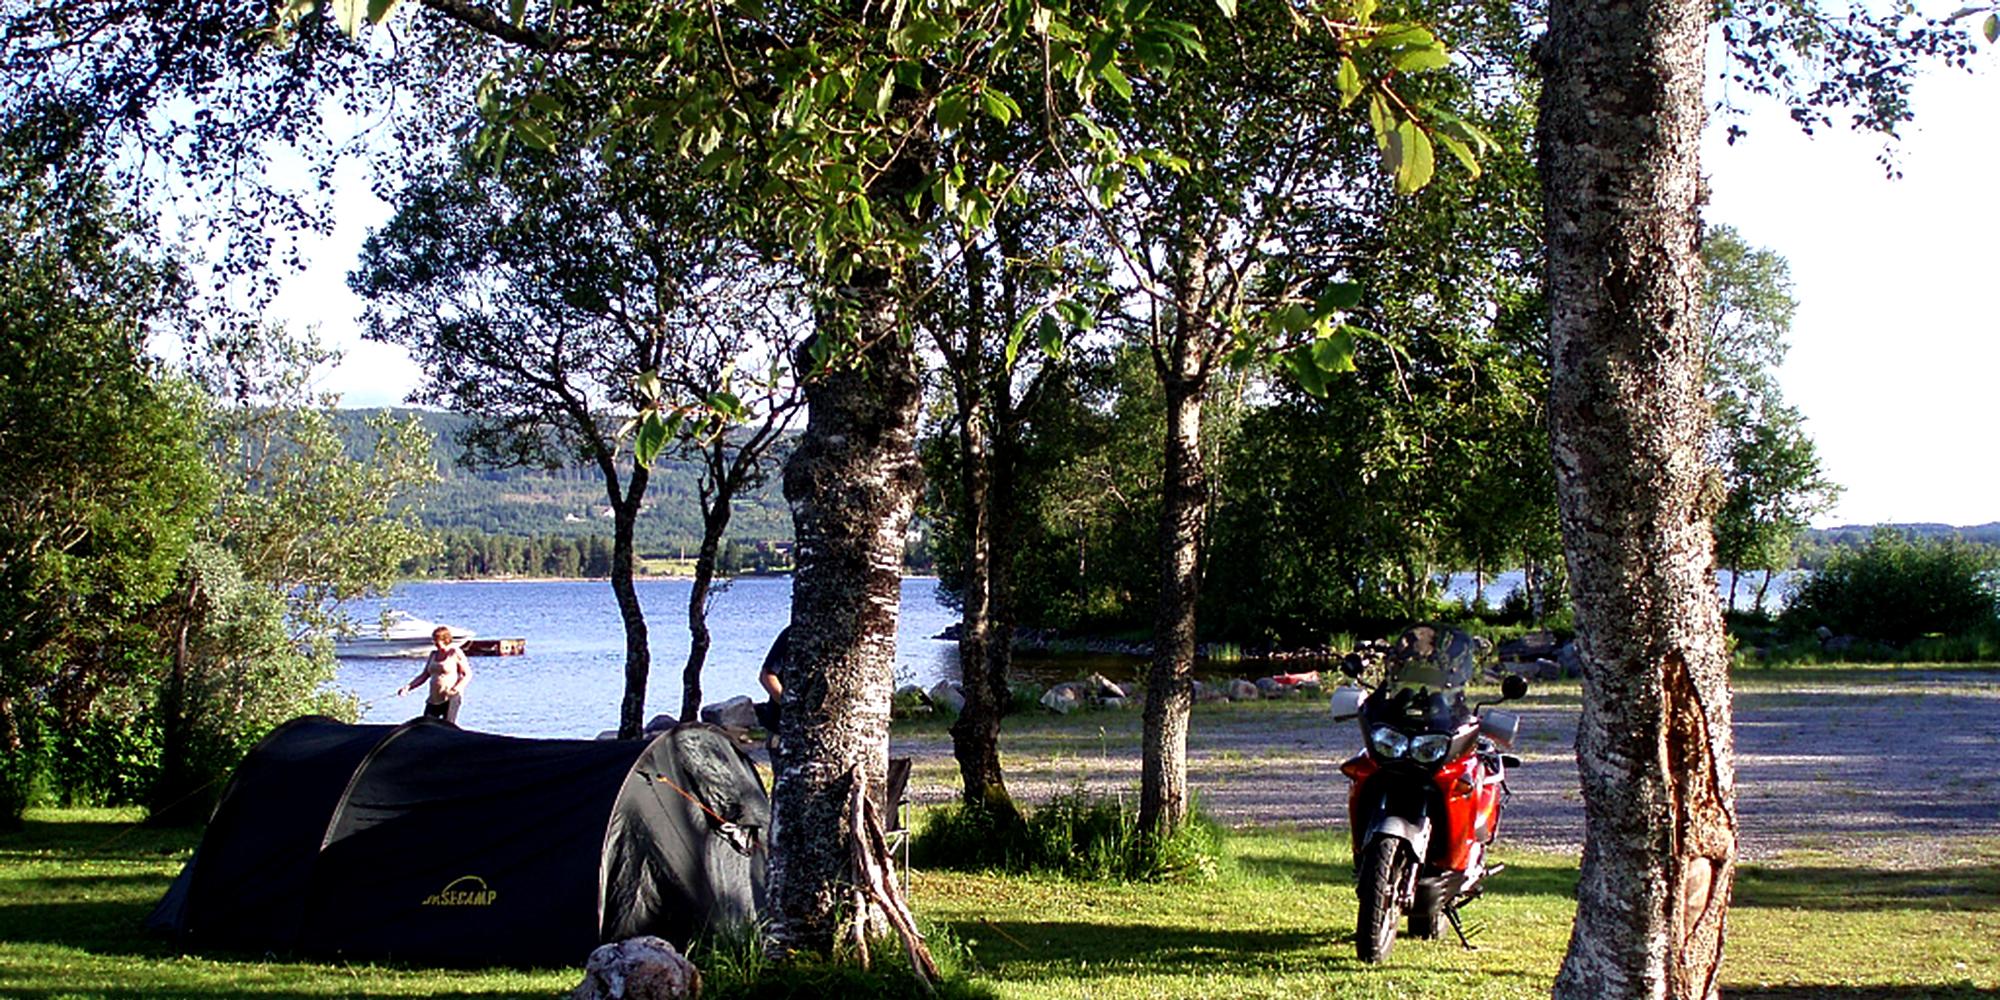 Kvam Motell og Camping - telt. Copyright: Kvam Motell og Camping